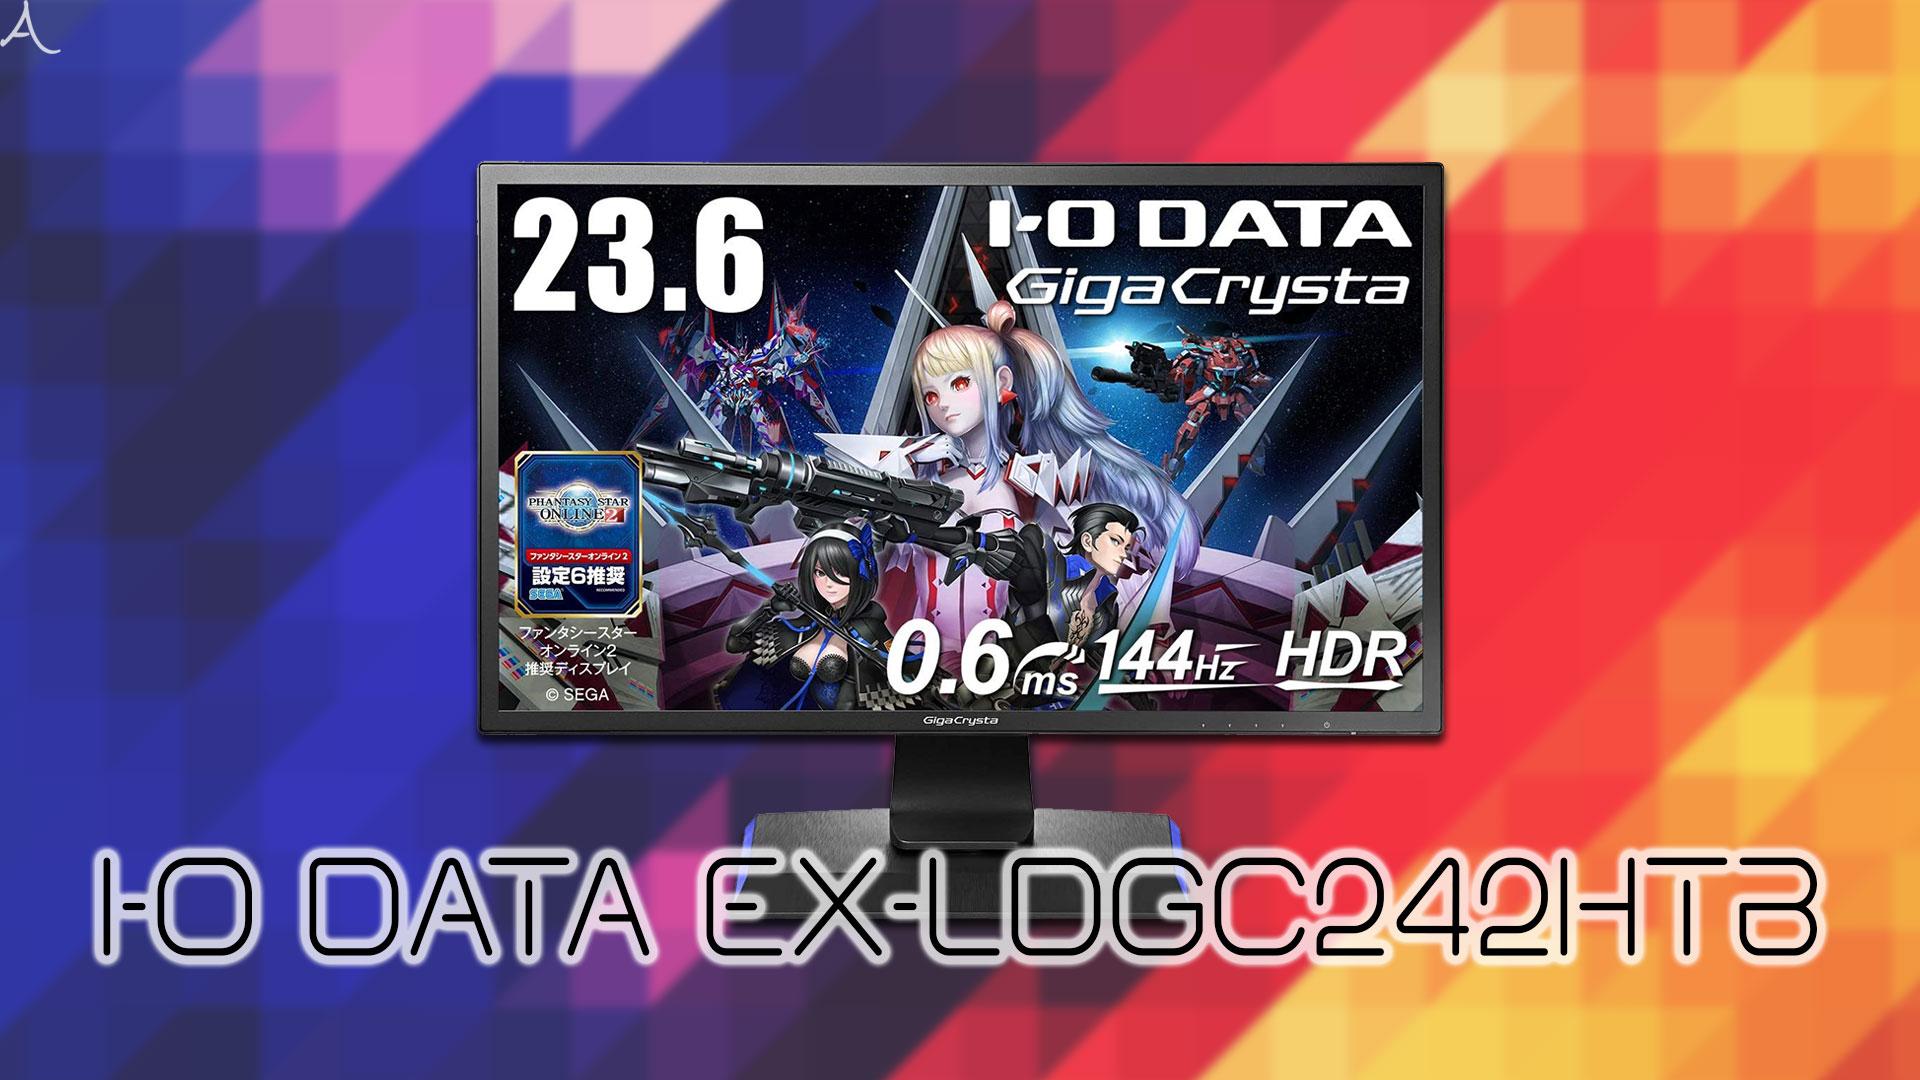 「IODATA EX-LDGC242HTB」ってモニターアーム使えるの?VESAサイズやおすすめアームはどれ?